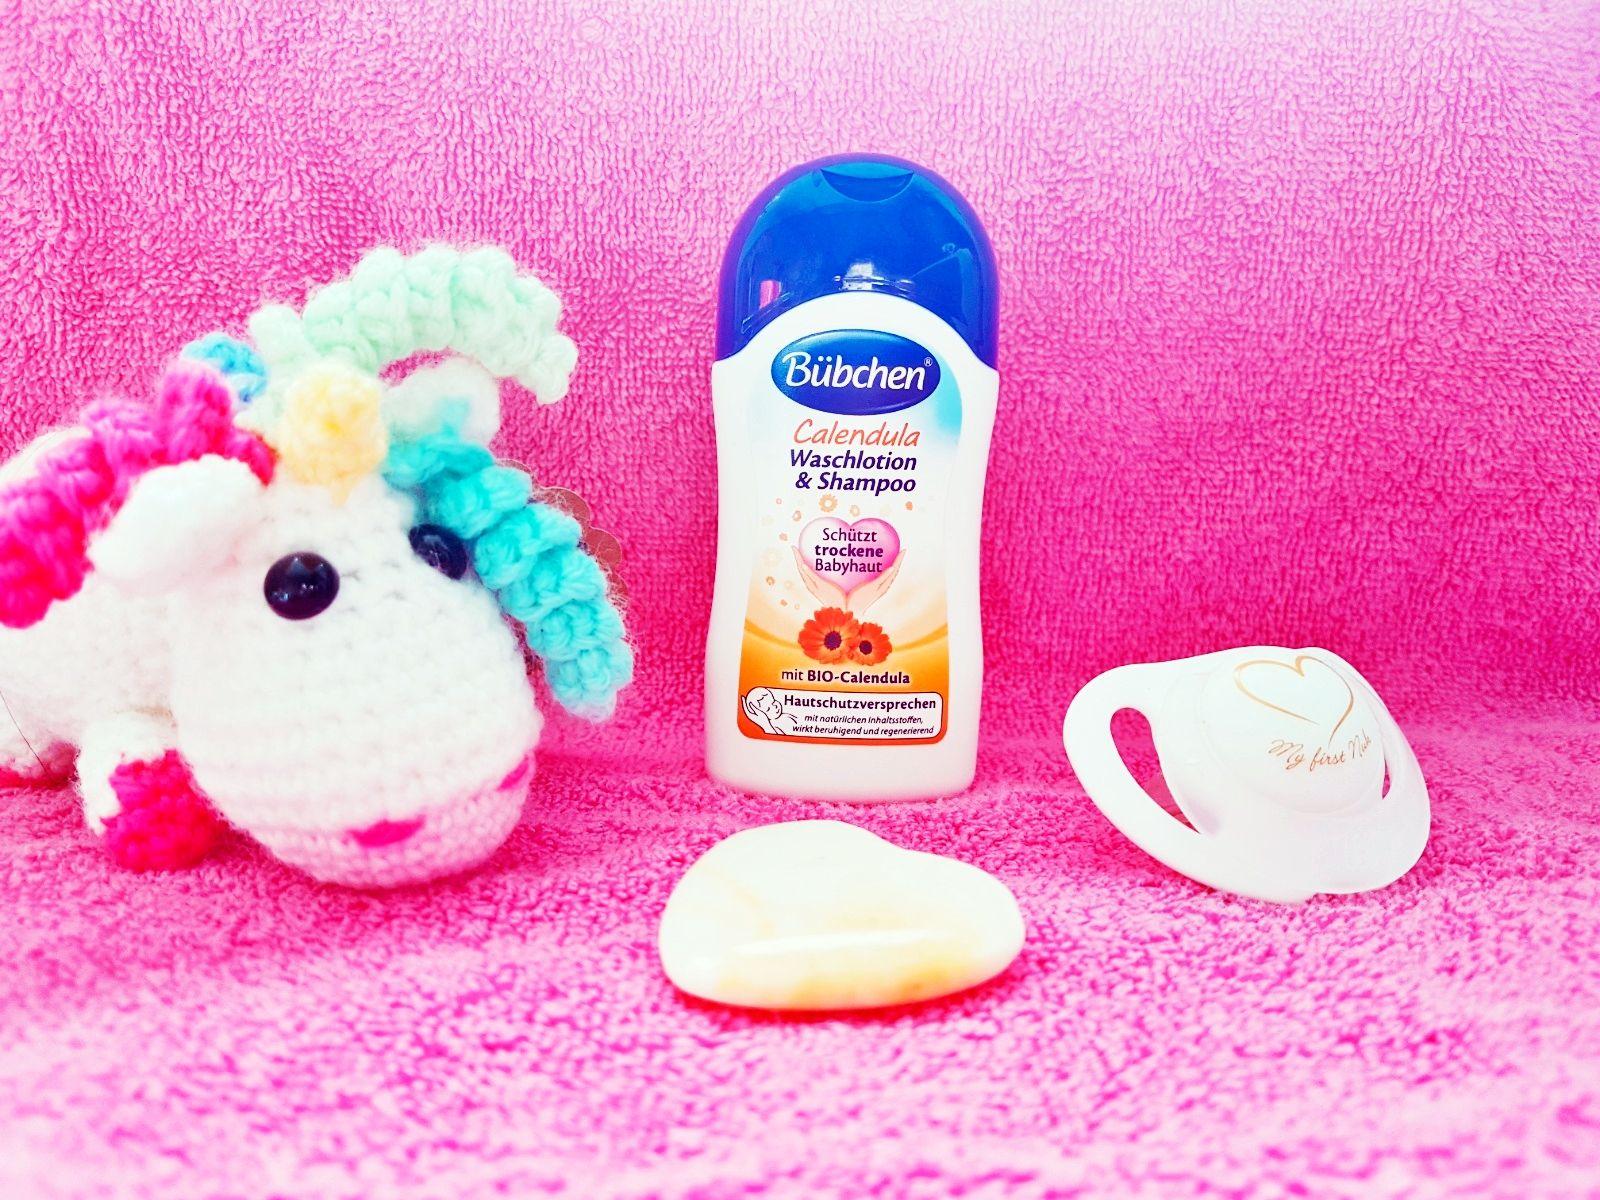 Bübchen Calendula Waschlotion und Shampoo